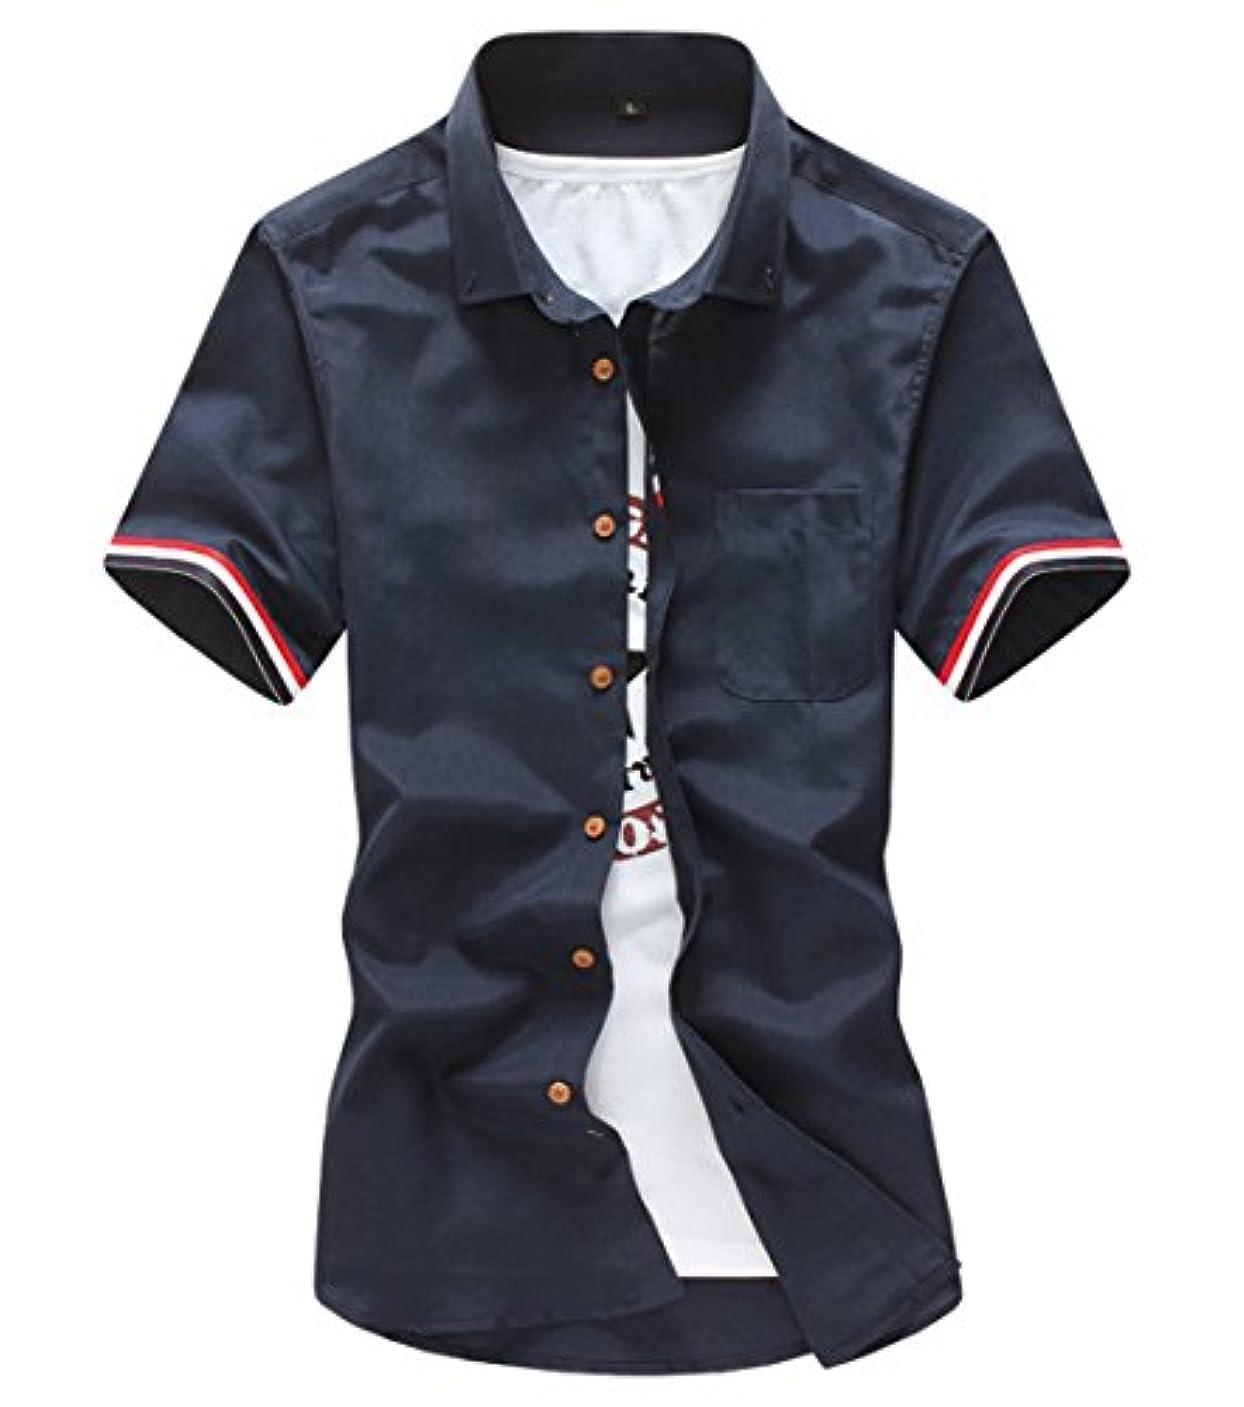 きらめく宿命キャスト[スゴフィ]SGFY  メンズ ポロシャツ ストライプの袖 無地 カジュアル シャツ ゴルフ ウェア (M, ネイビー)